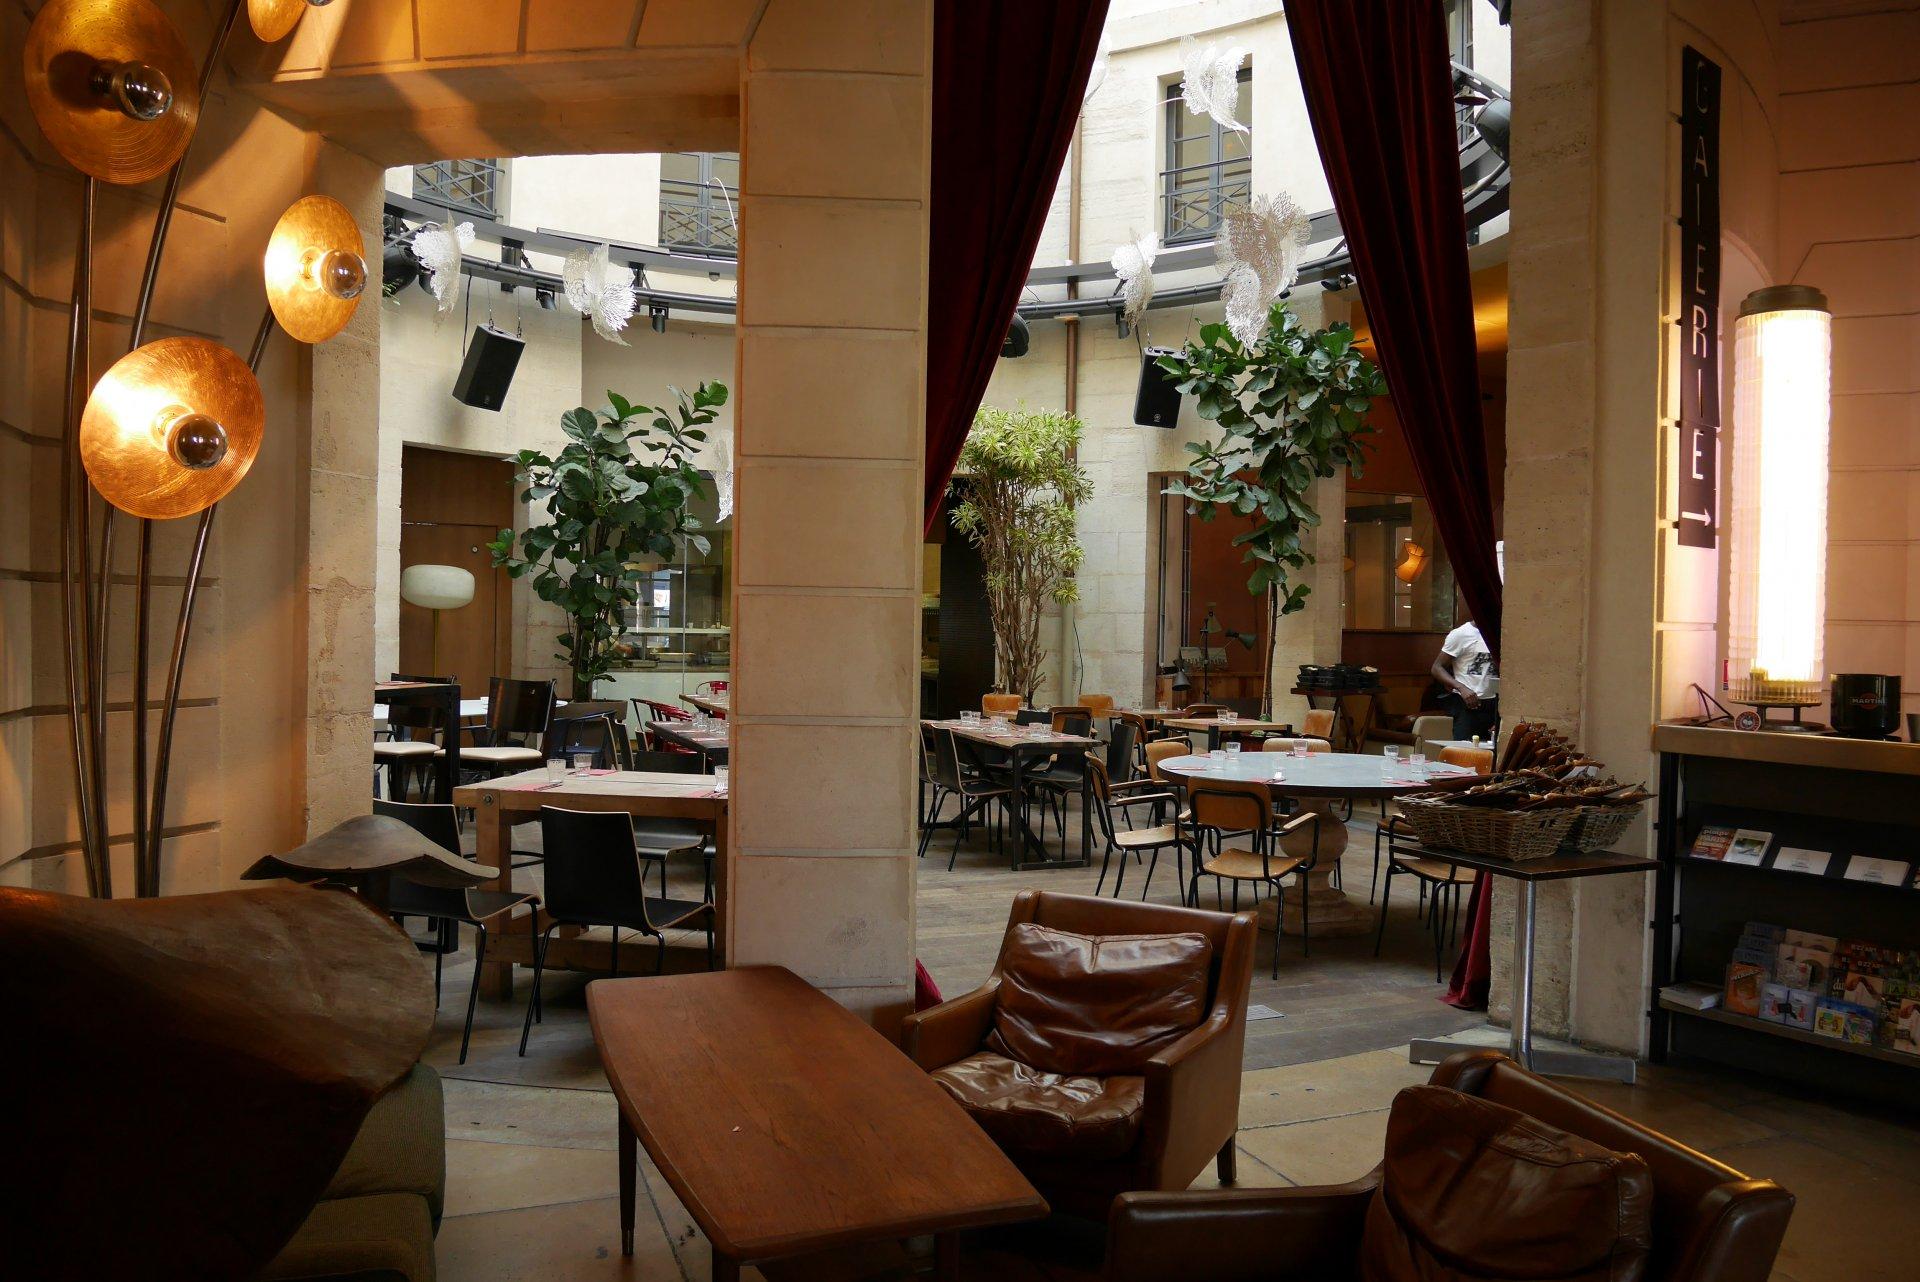 Grand Marché Stalingrad - Top Places to Eat During Paris Design Week and Maison et Objet 2017 paris design week Top Design Venues to Visit During Paris Design Week & Maison et Objet Grand March   Stalingrad